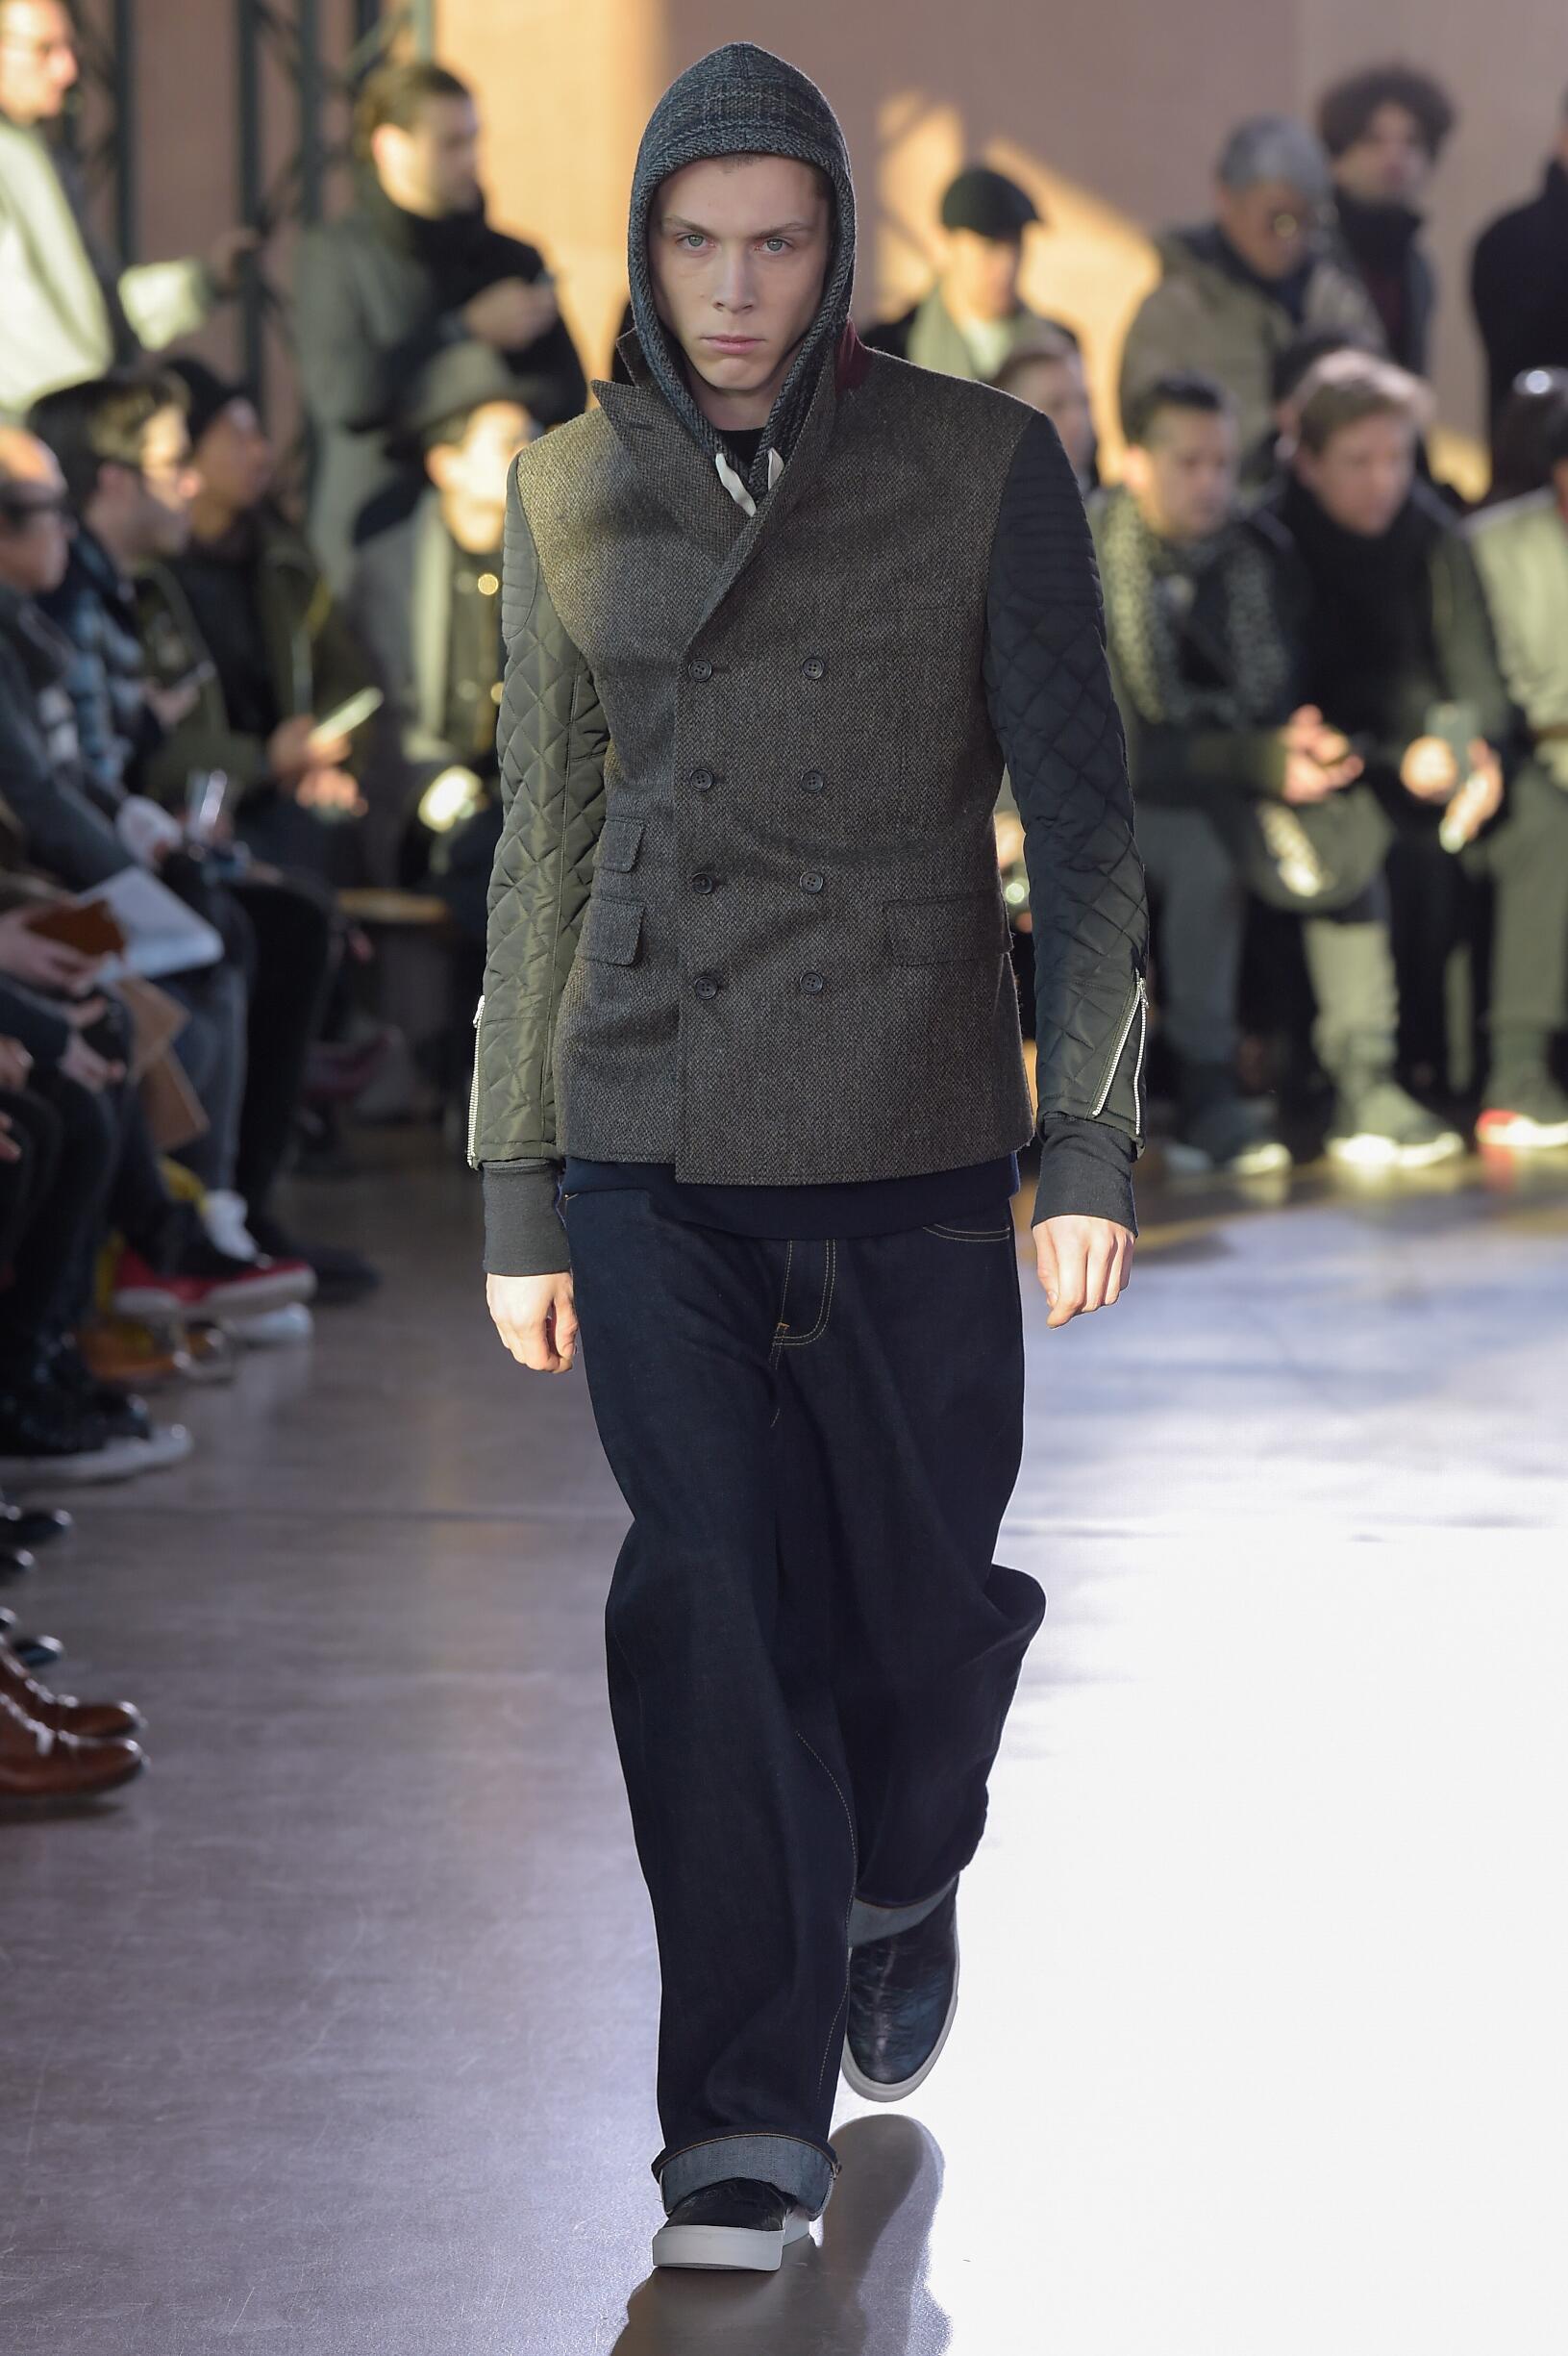 Catwalk Junya Watanabe Man Fashion Show Winter 2017